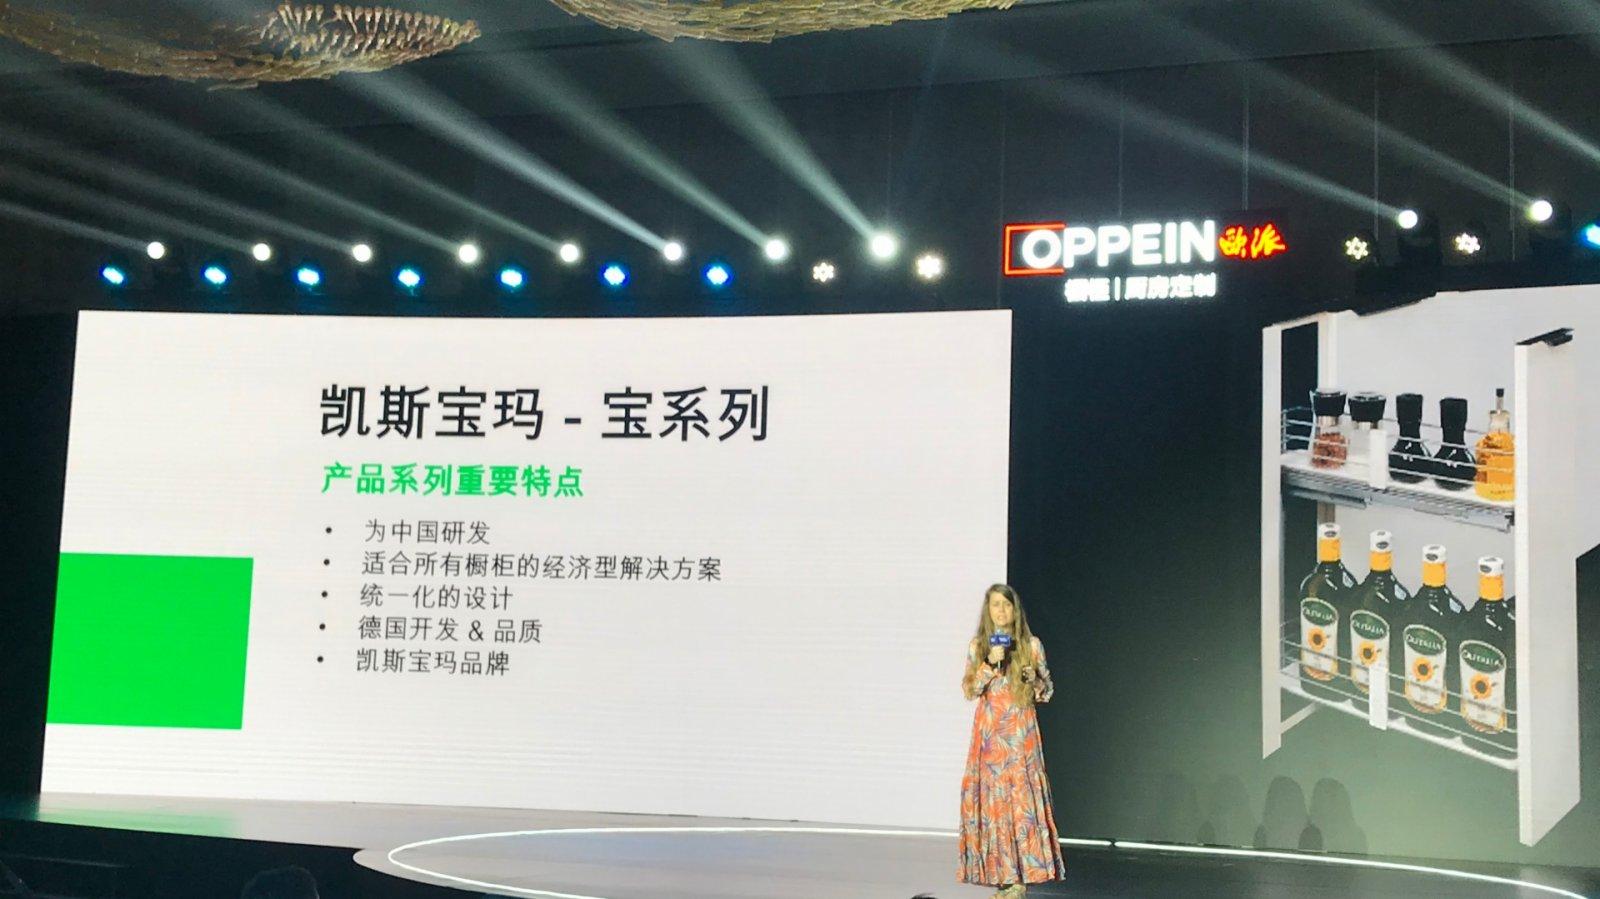 跨國巨頭看好中國消費升級 抱團灣區企拓家居市場